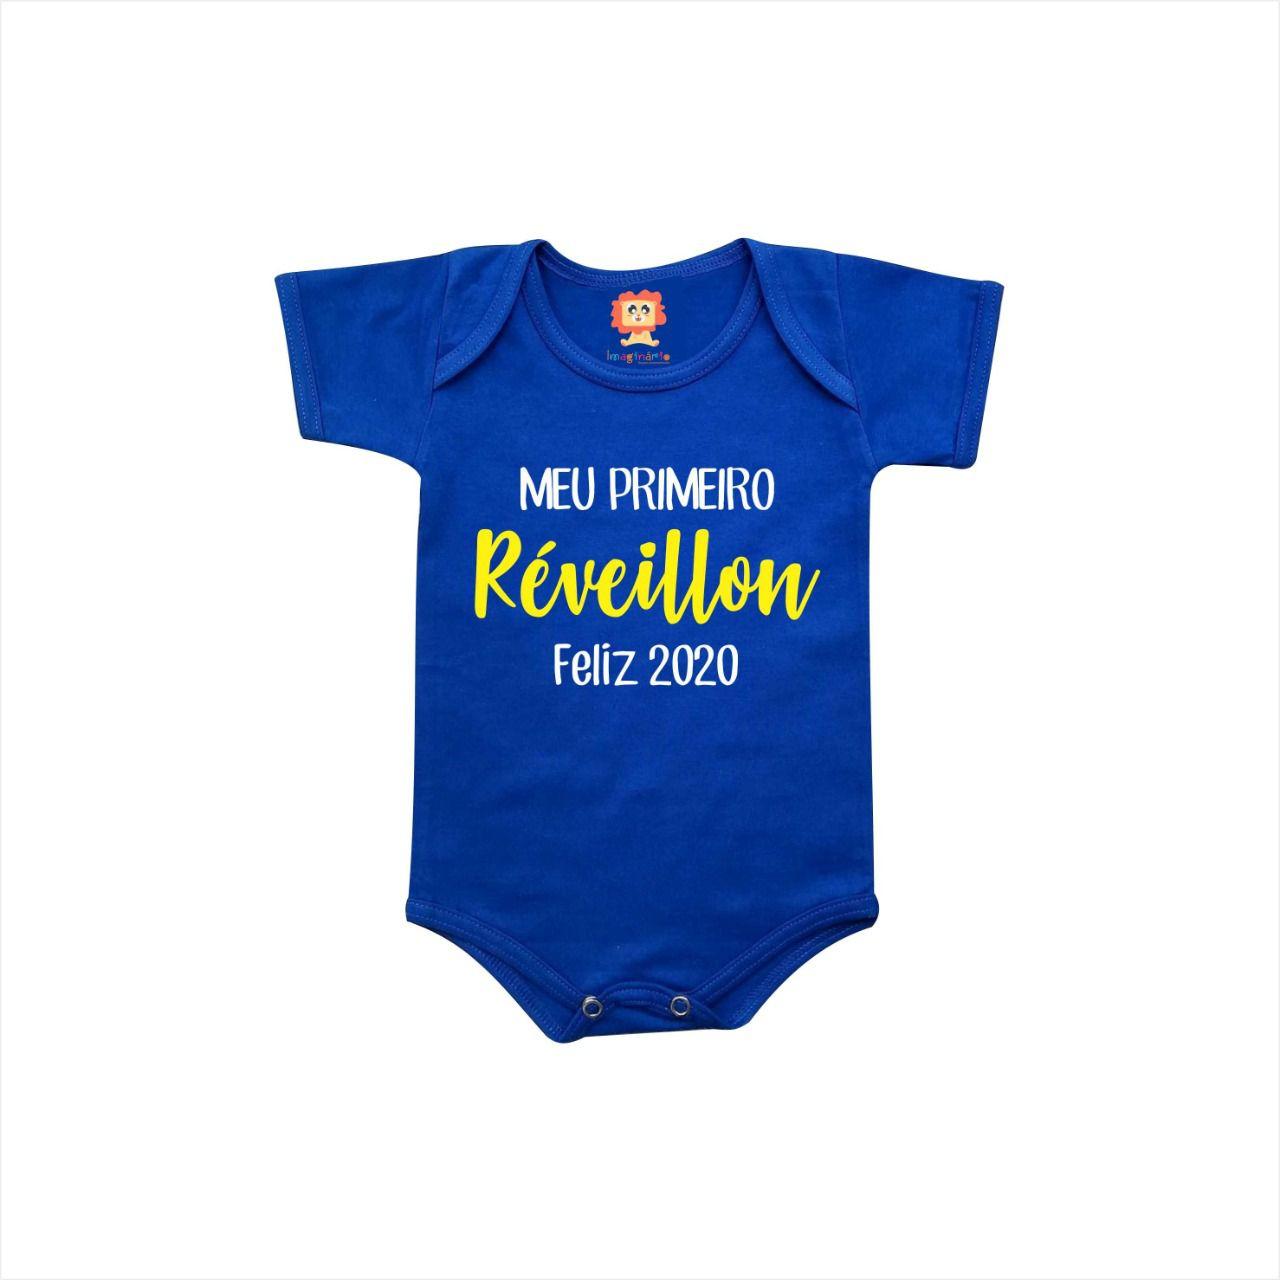 Body ou Camiseta Meu Primeiro Réveillon Feliz 2020